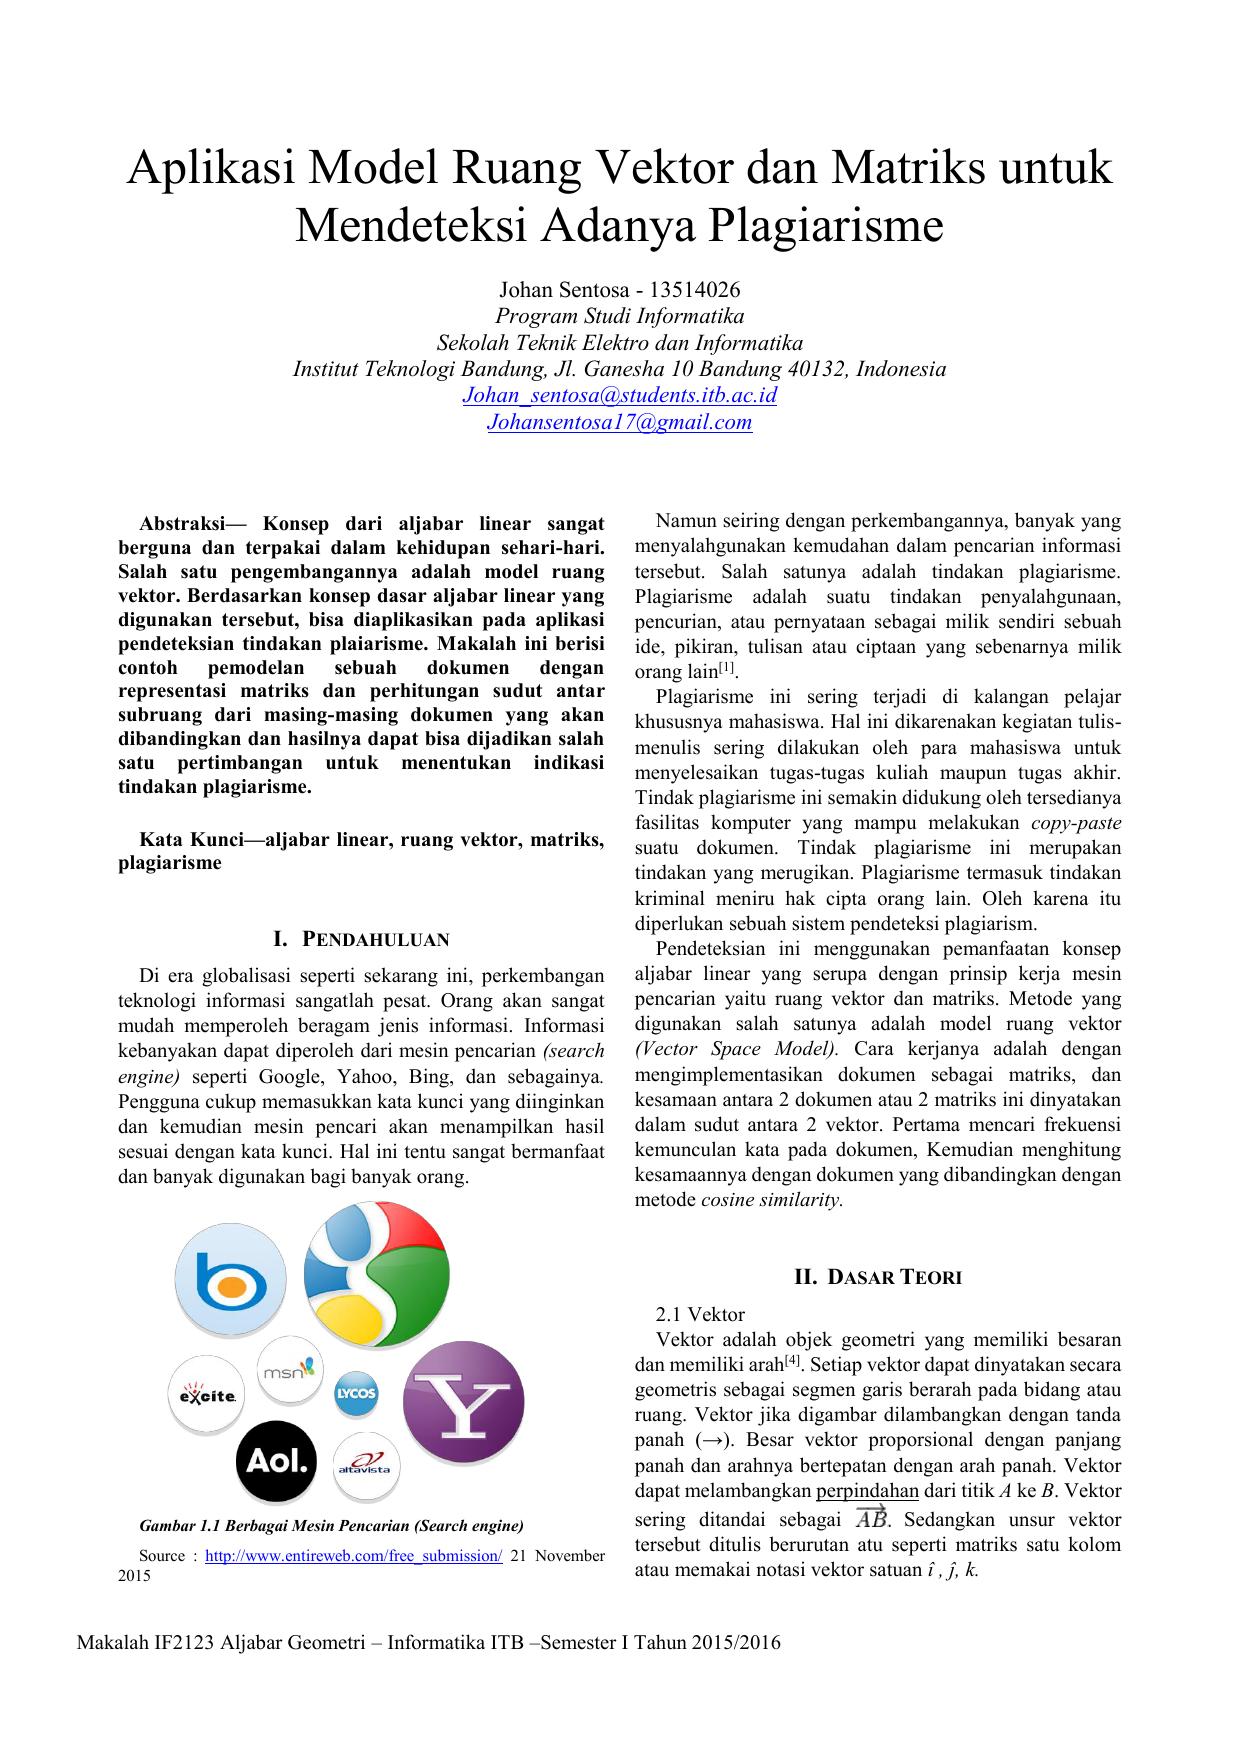 Aplikasi Model Ruang Vektor Dan Matriks Untuk Mendeteksi